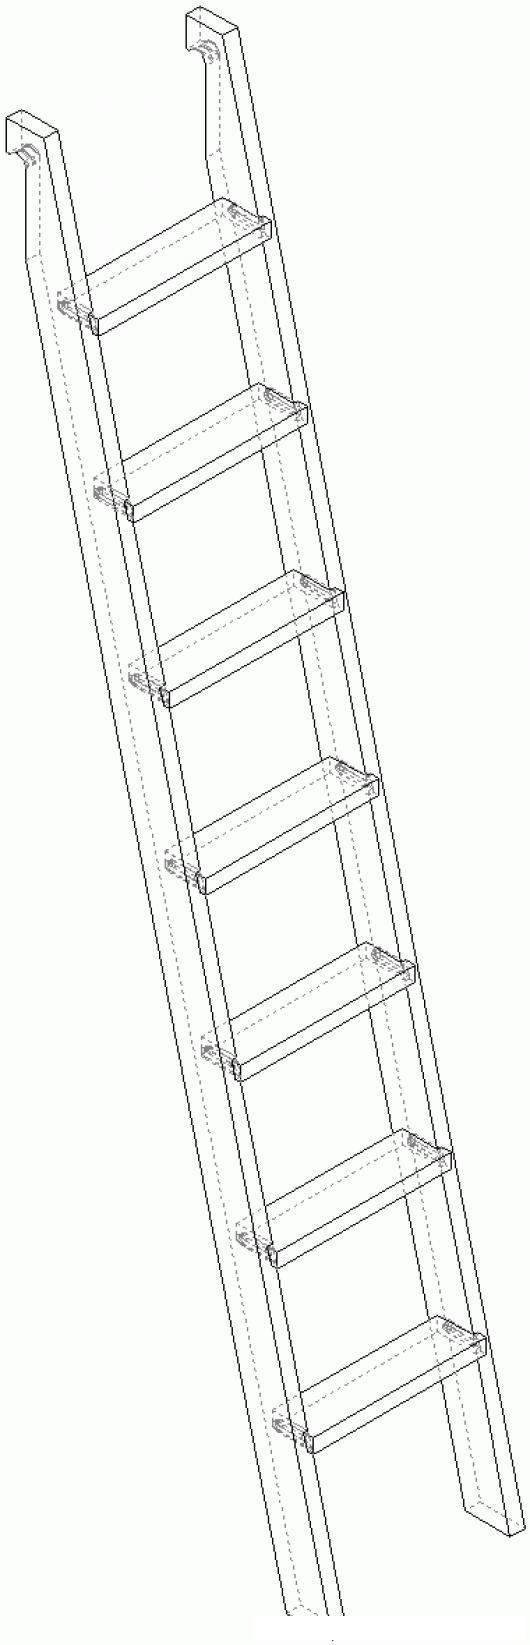 Dibujo de escalera de madera para pintar y colorear - Escaleras para pintar ...